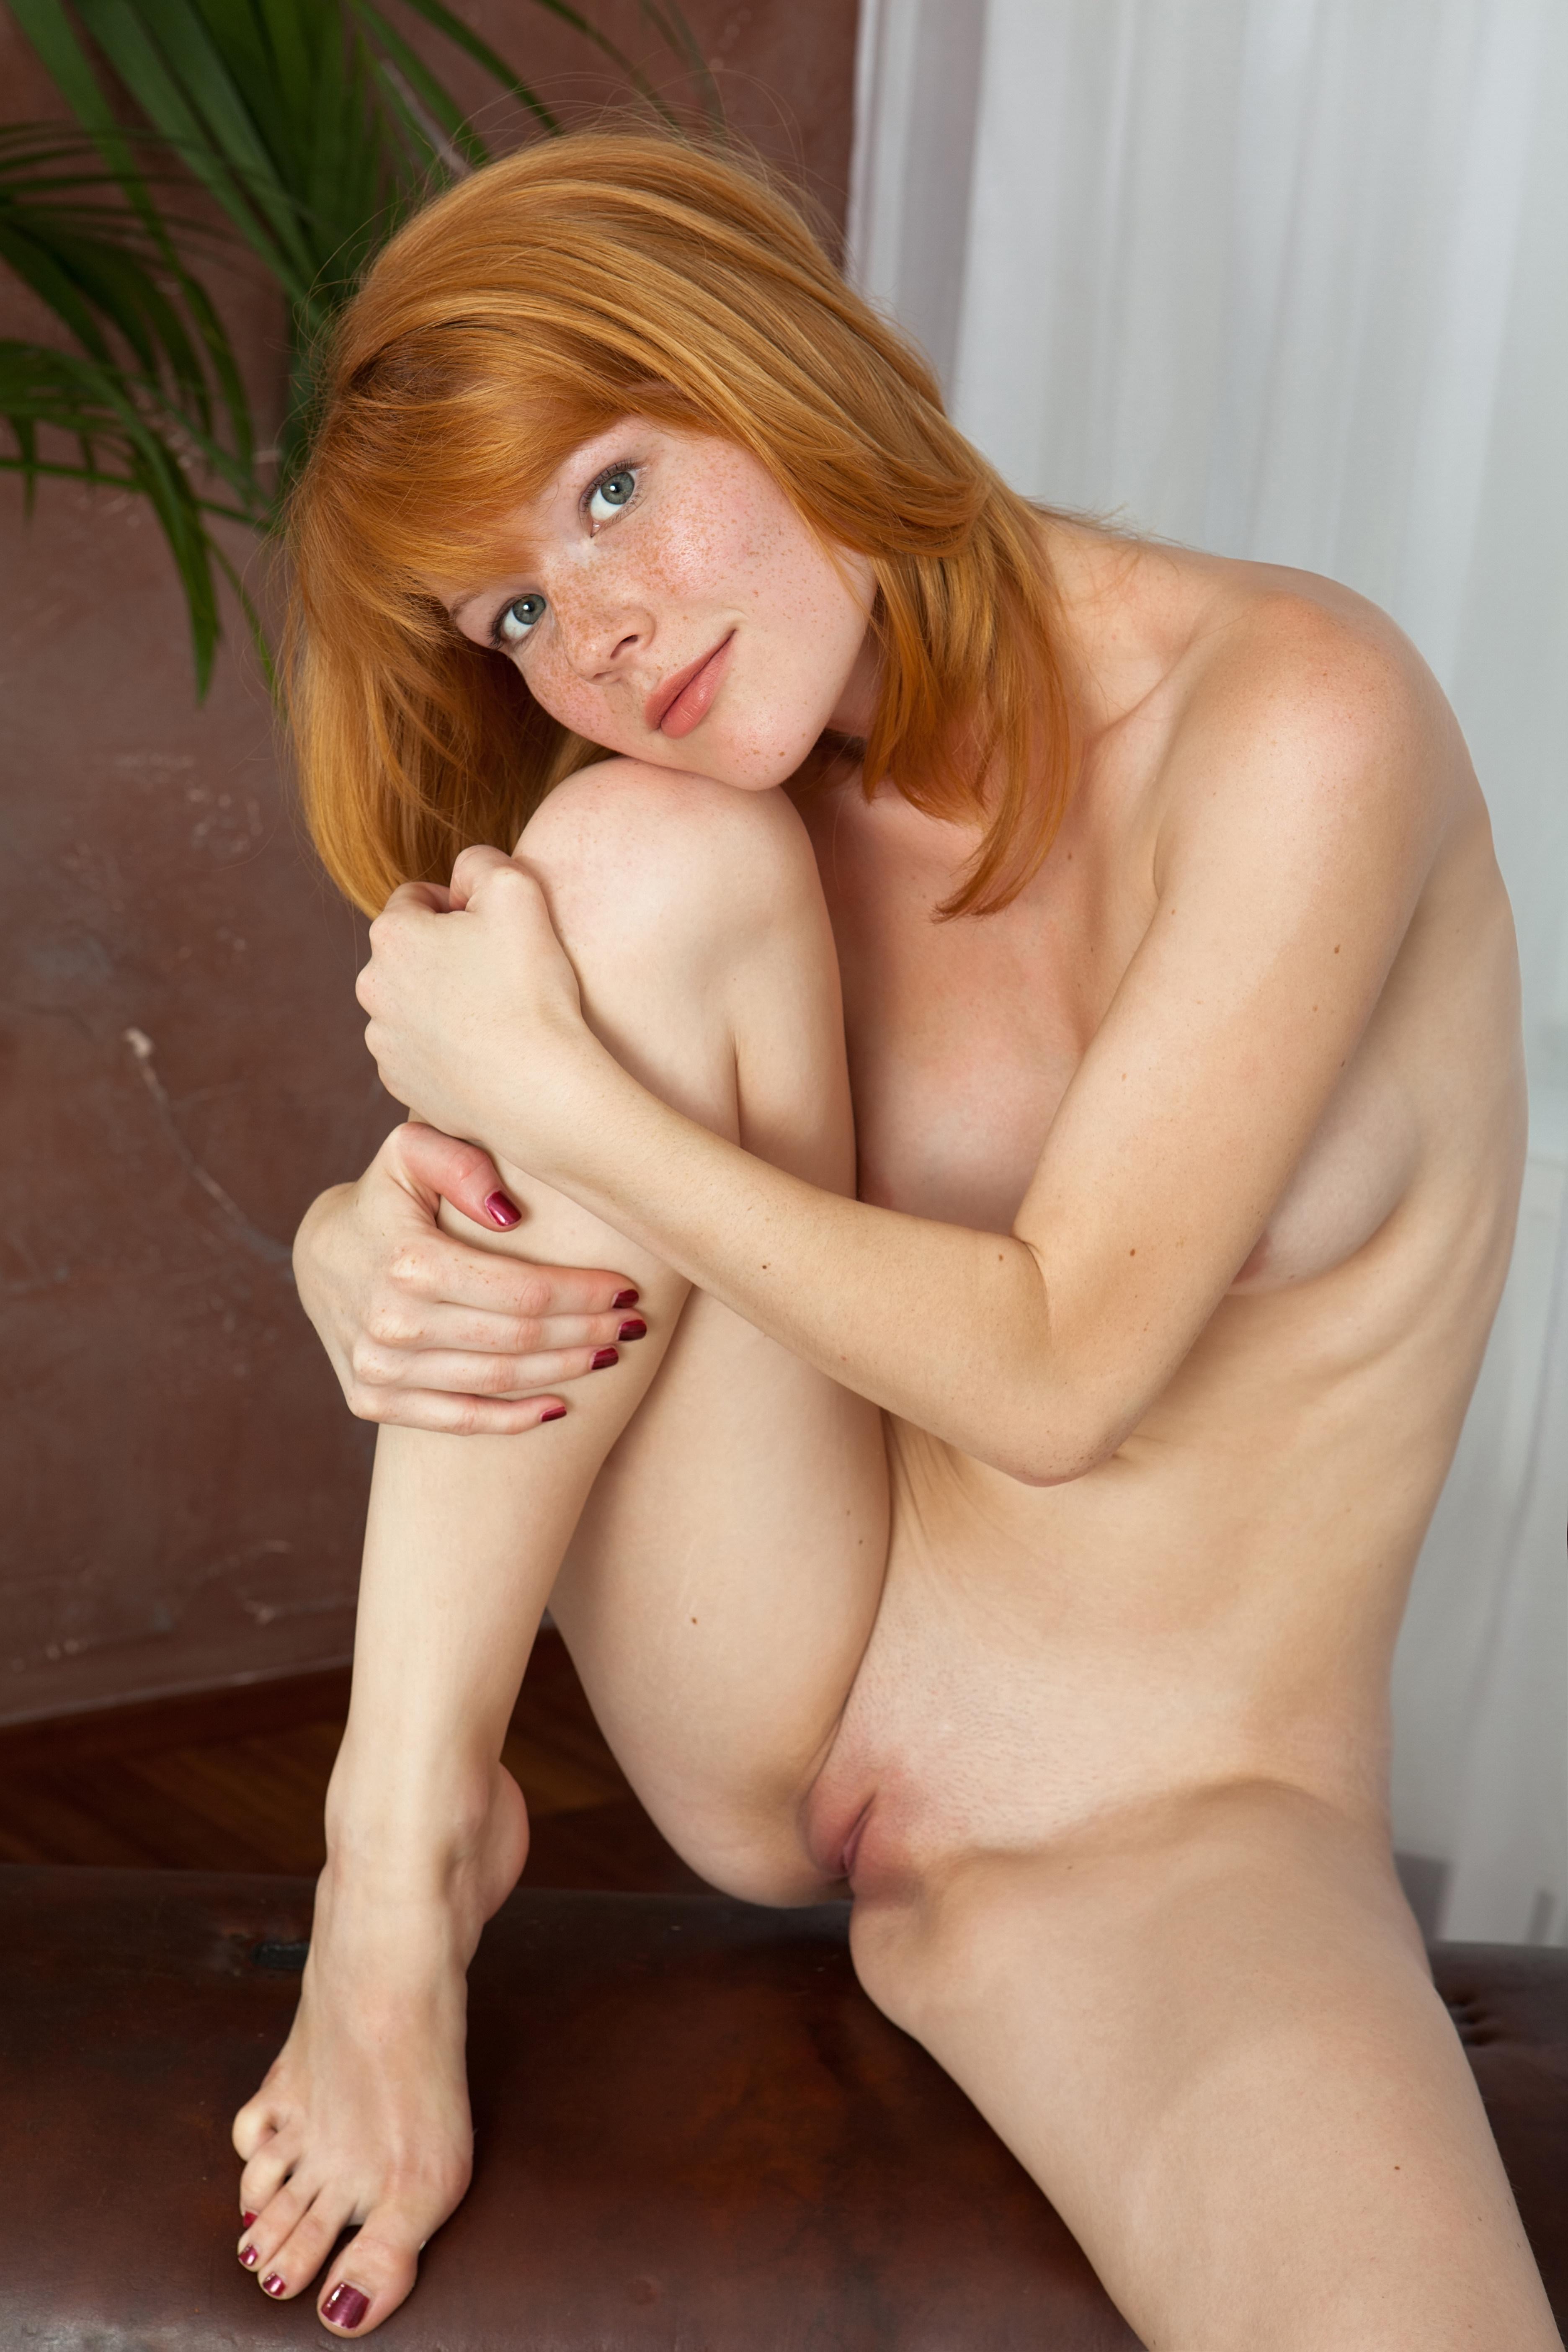 Русская девушка в веснушках порно фото 112-763